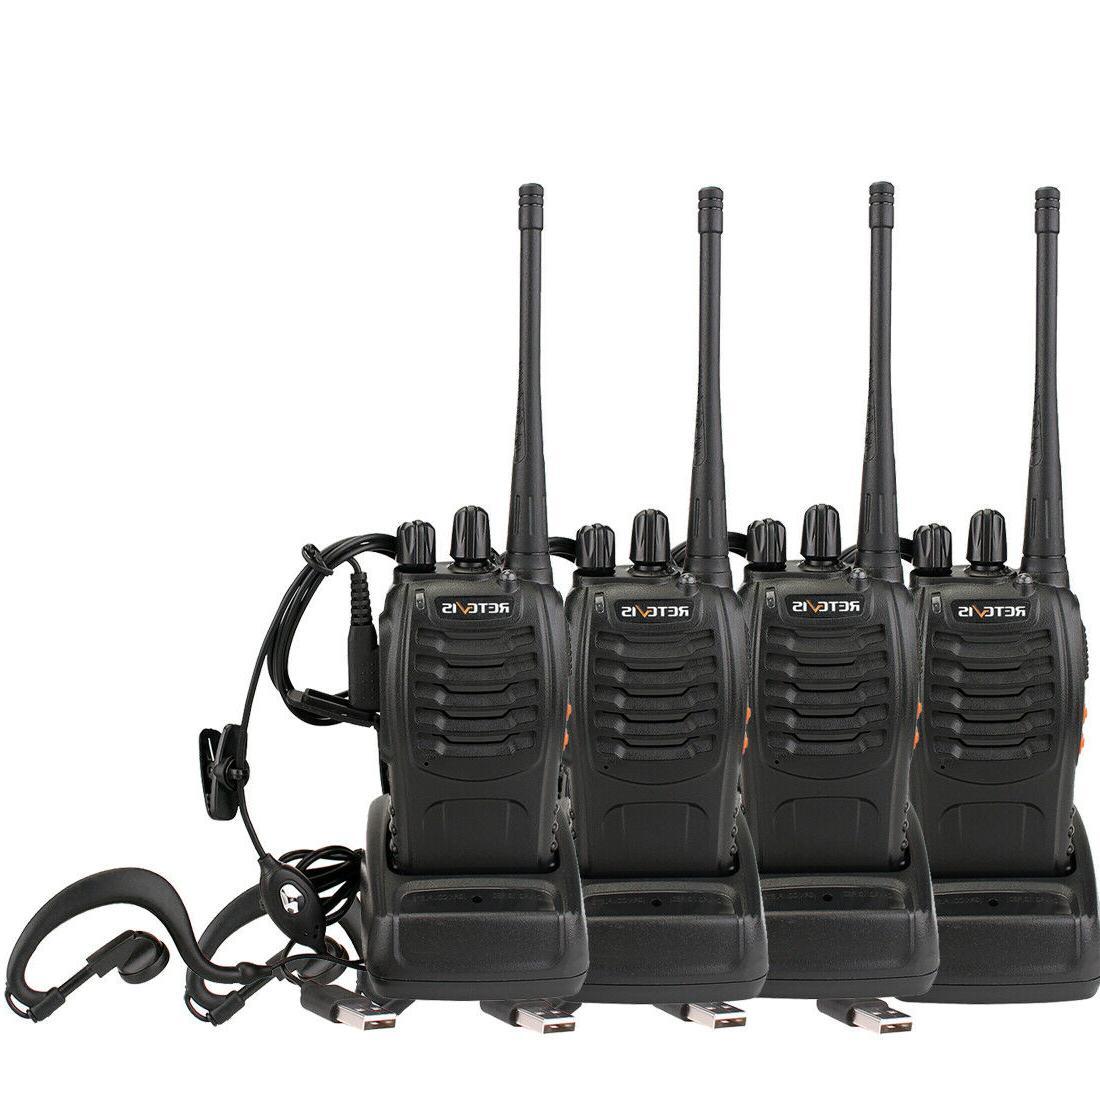 4pack walkie talkies w earpiece two way